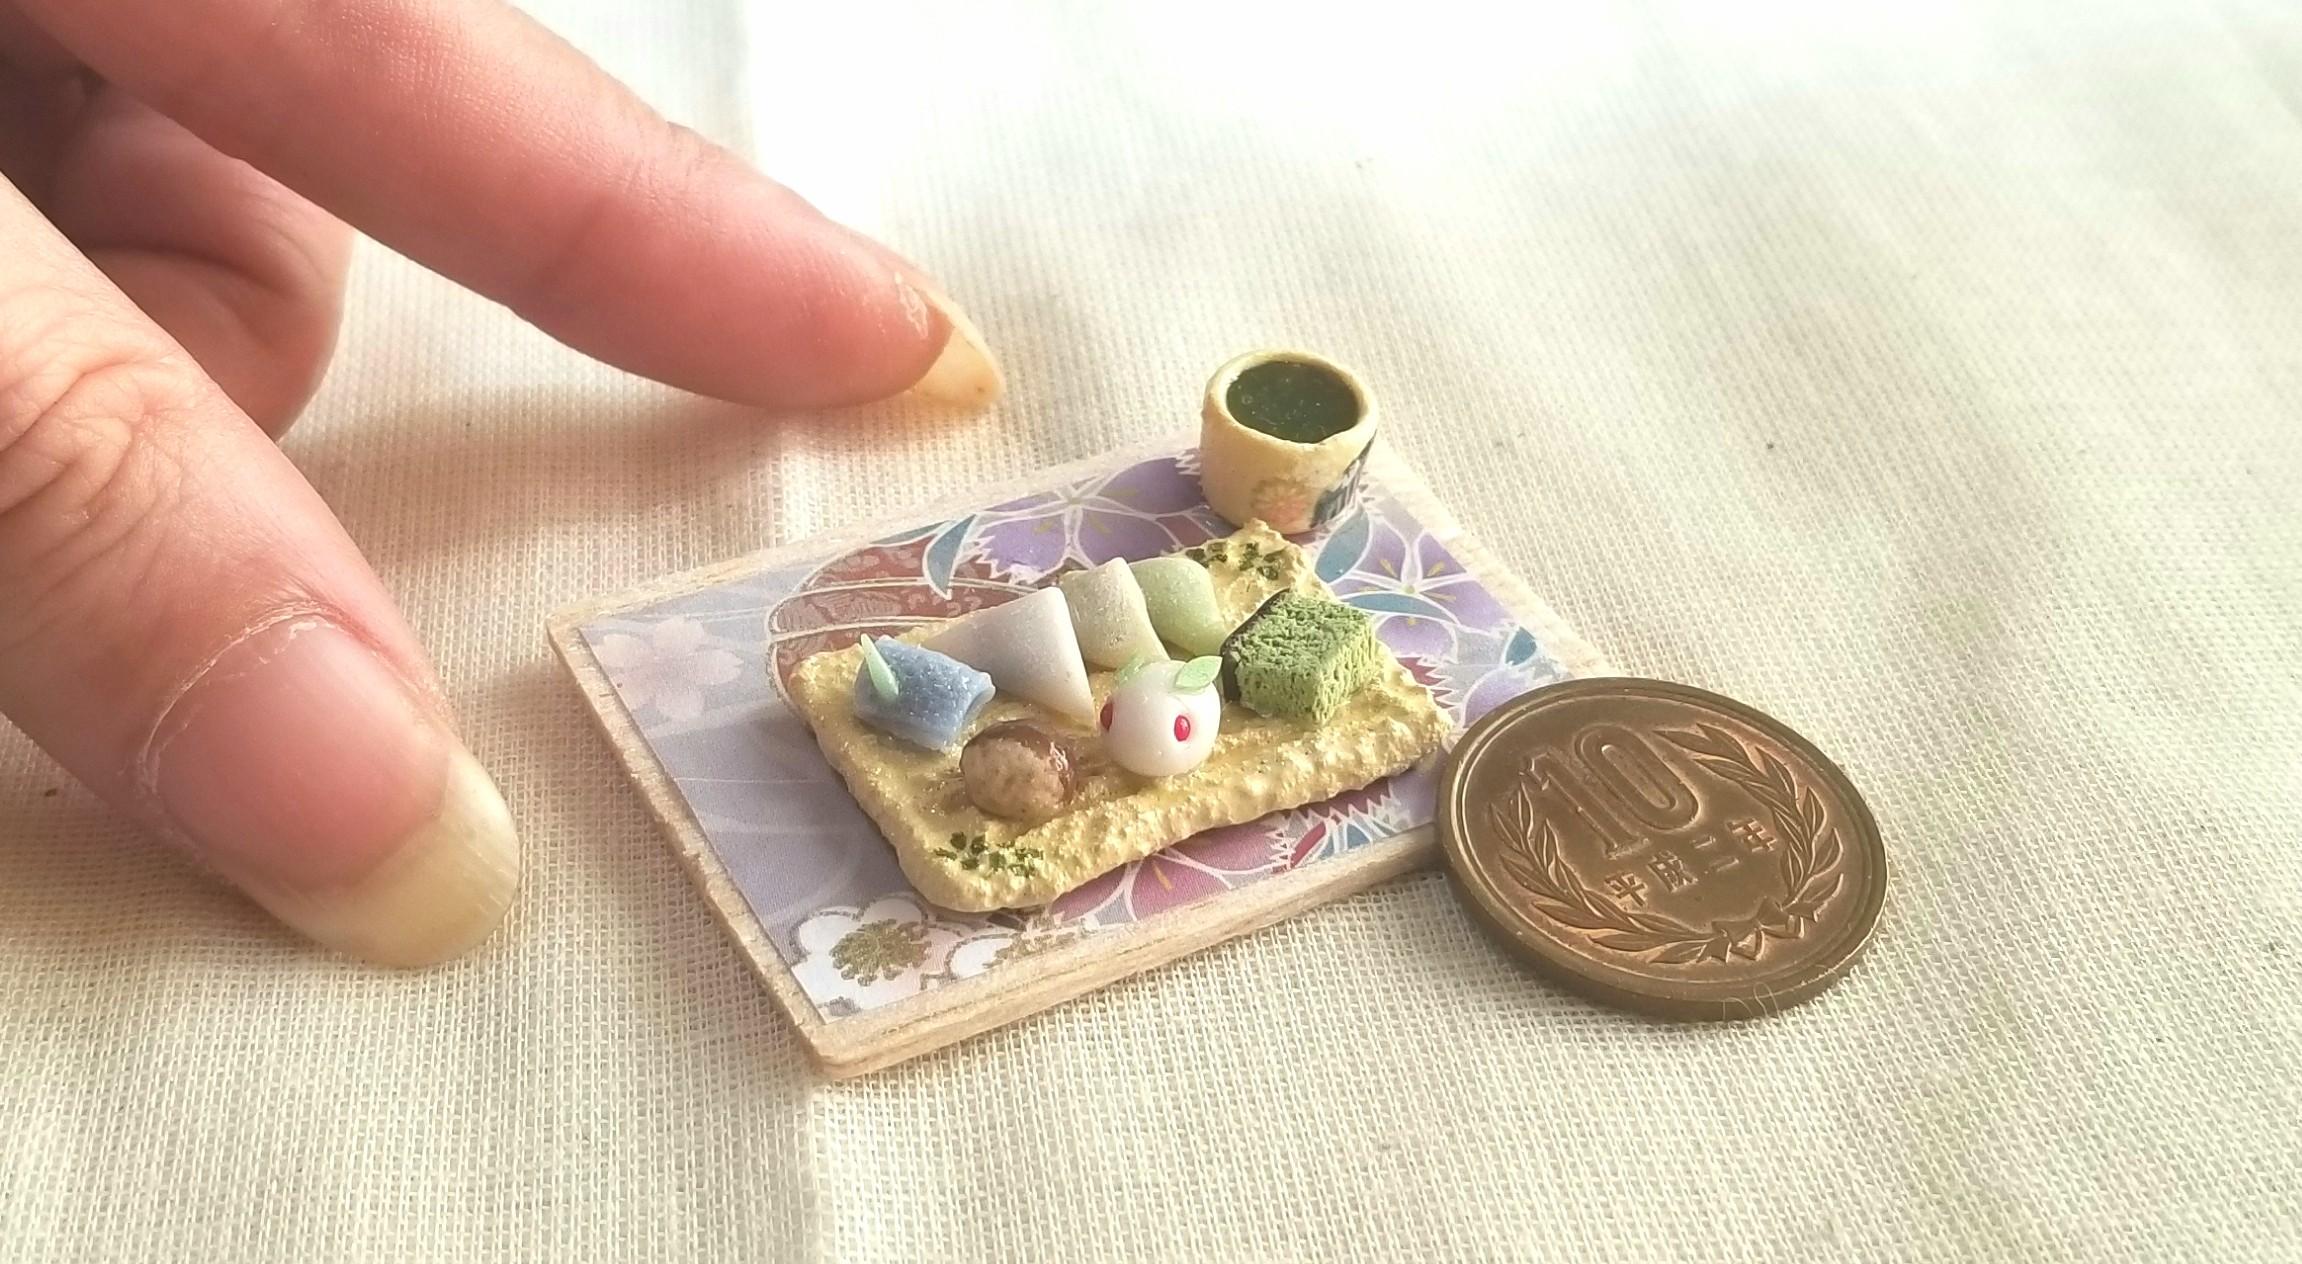 八ツ橋,うさぎ饅頭,栗まんじゅう,和菓子,ミニチュアフード,ミンネ